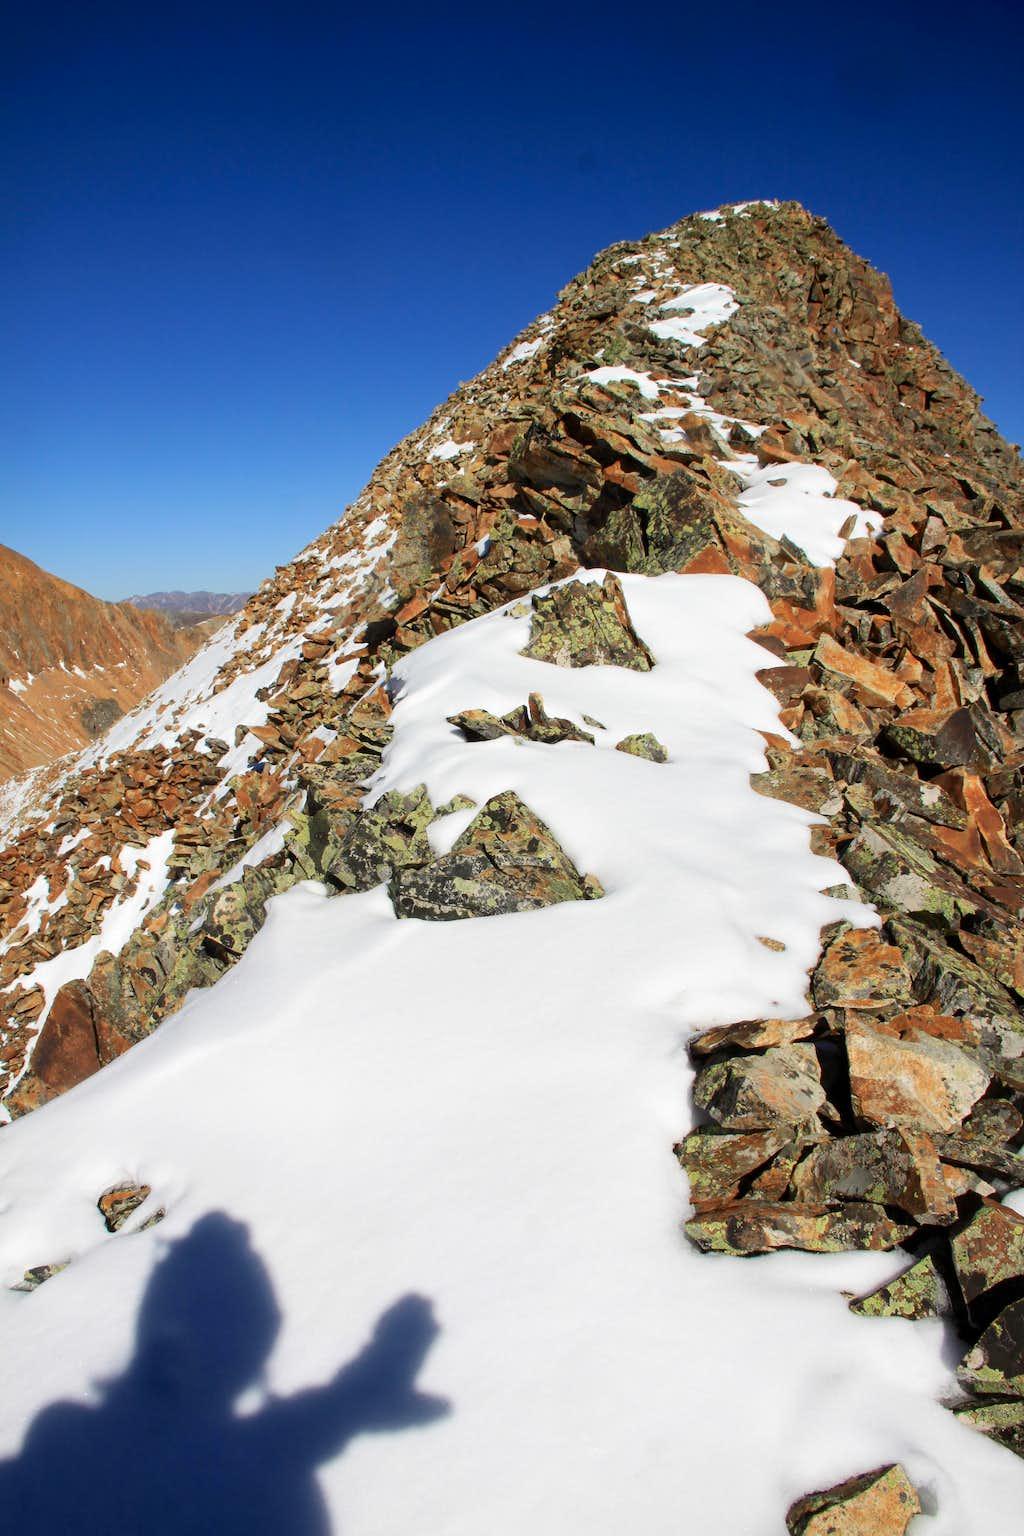 Summit of Beattie Peak